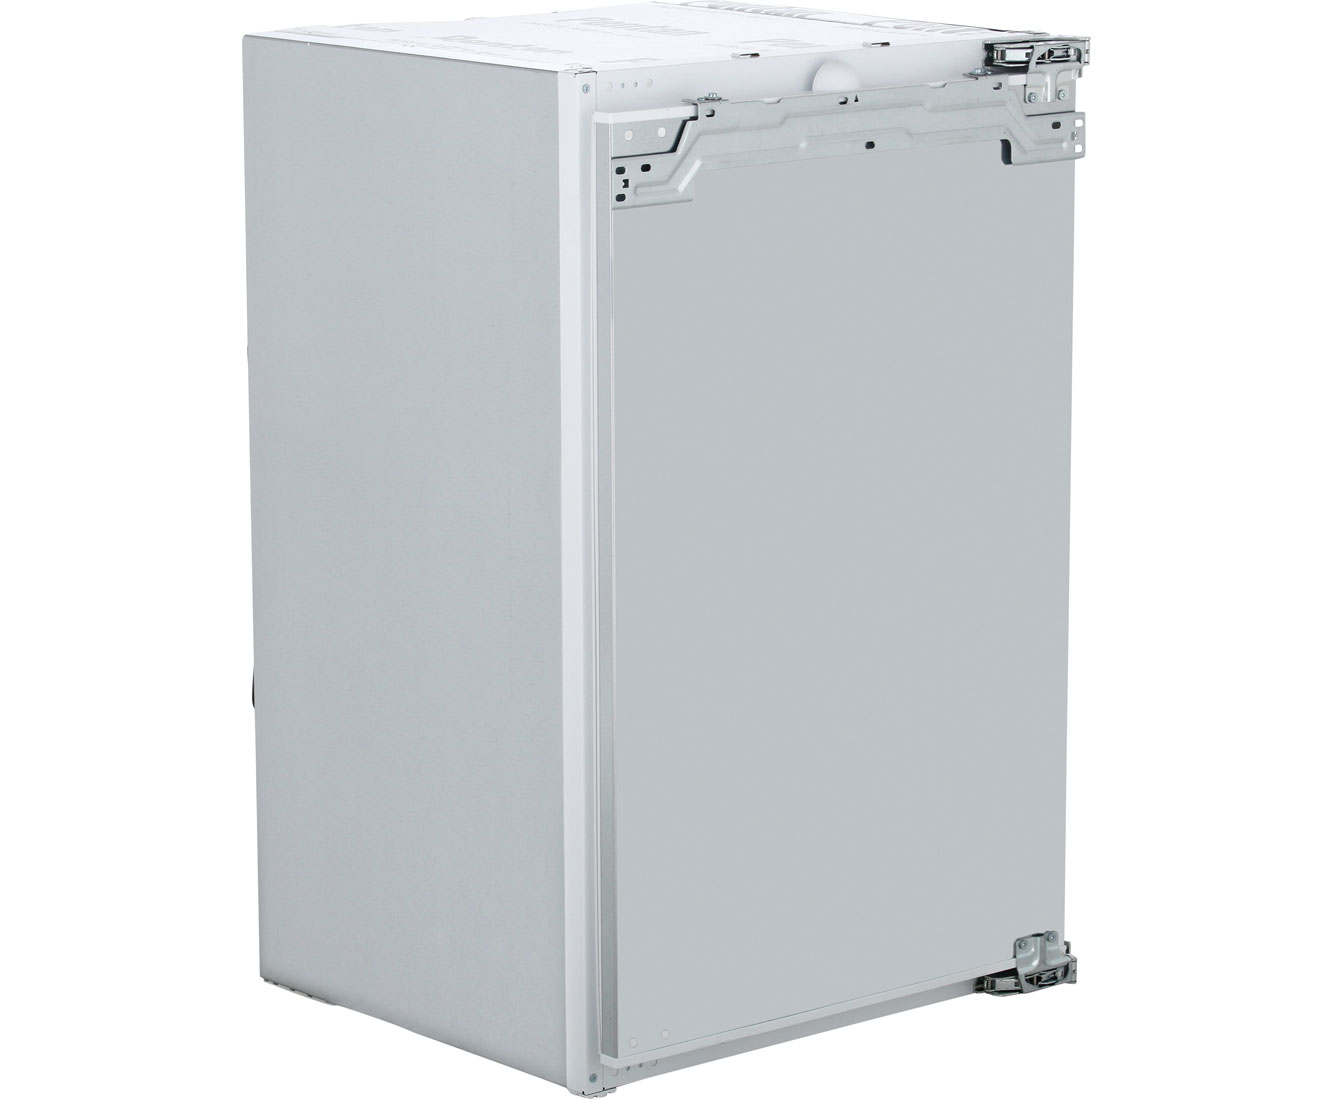 Kühlschrank Justieren Siemens : Kühlschranktür justieren haustür neu justieren